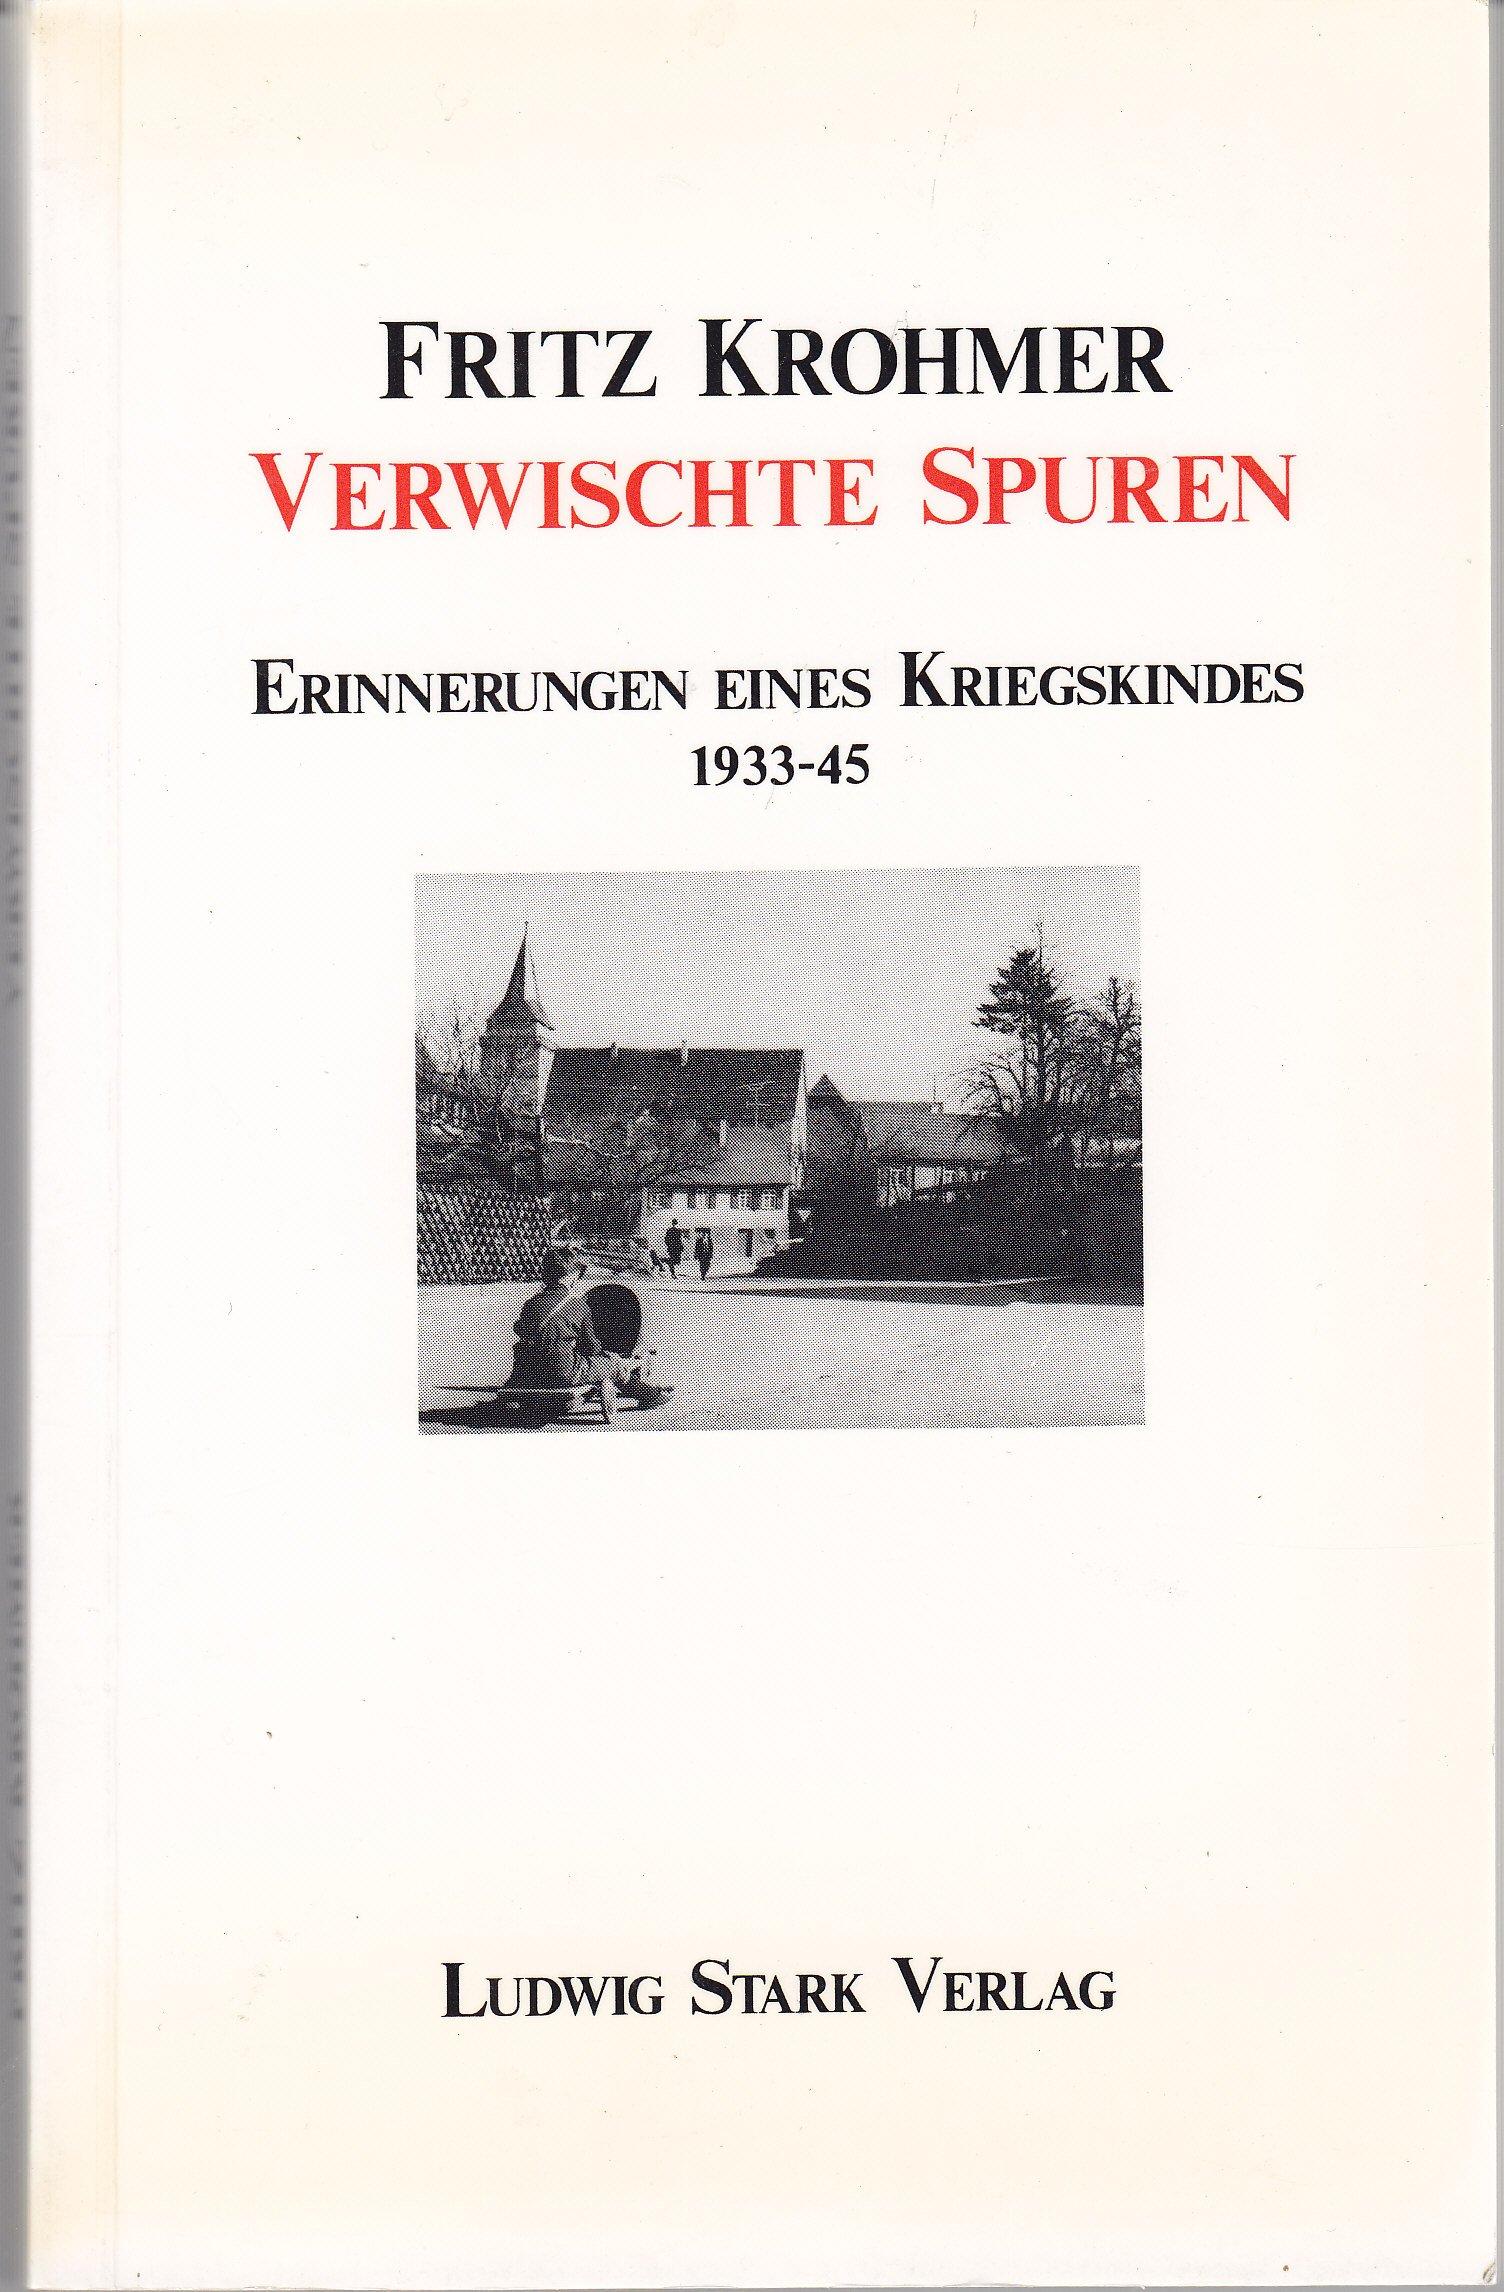 Verwischte Spuren: Erinnerungen eines Kriegskindes 1933-45